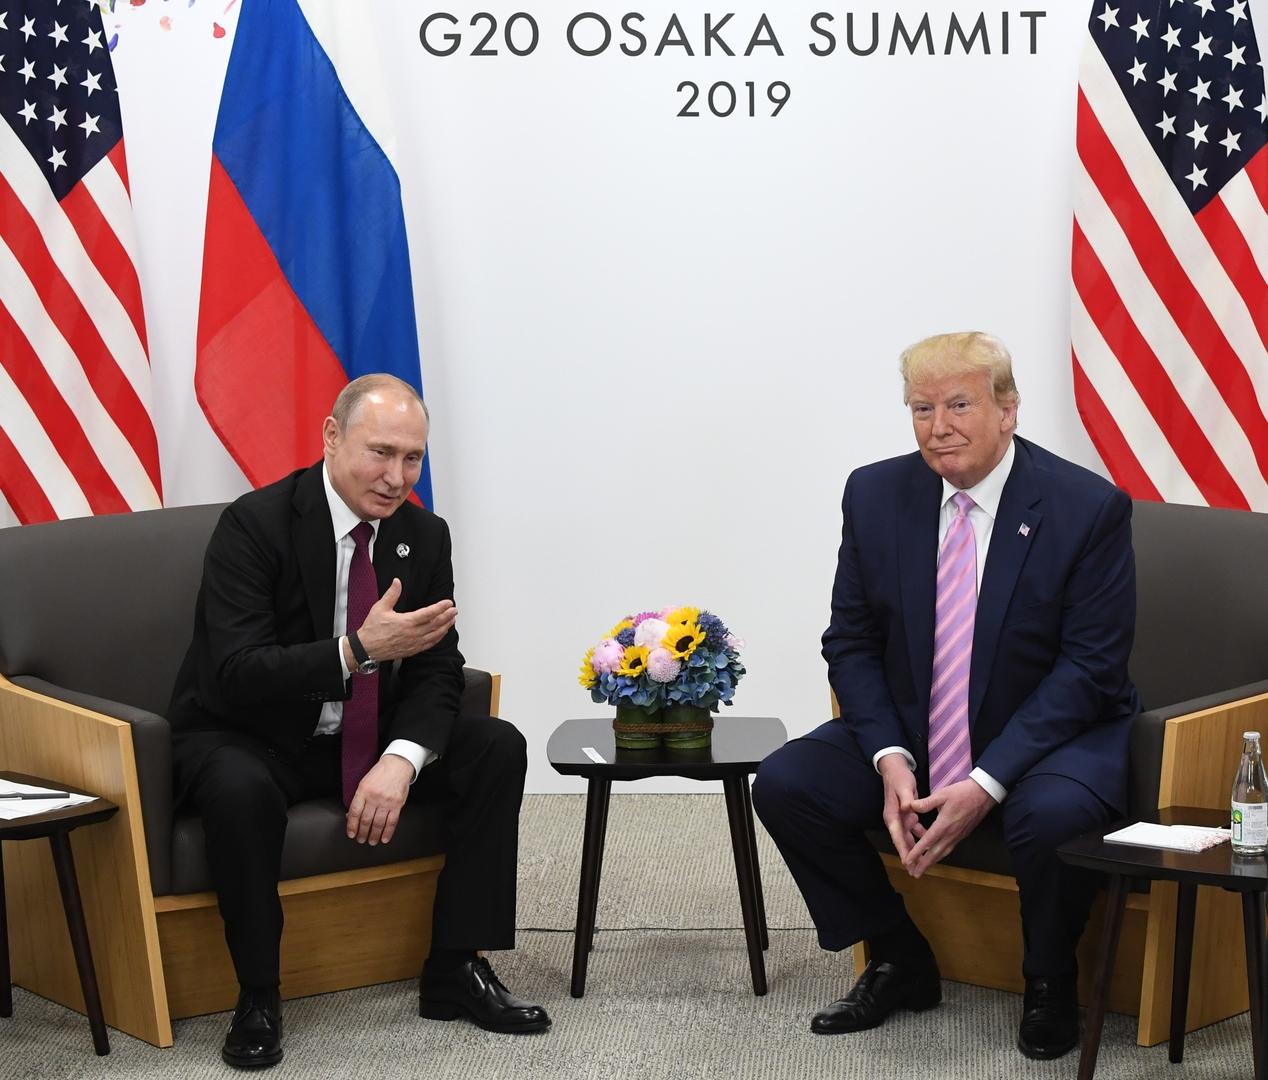 بوتين يشكر ترامب على معلومات من الولايات المتحدة أسهمت في إحباط هجمات إرهابية بروسيا